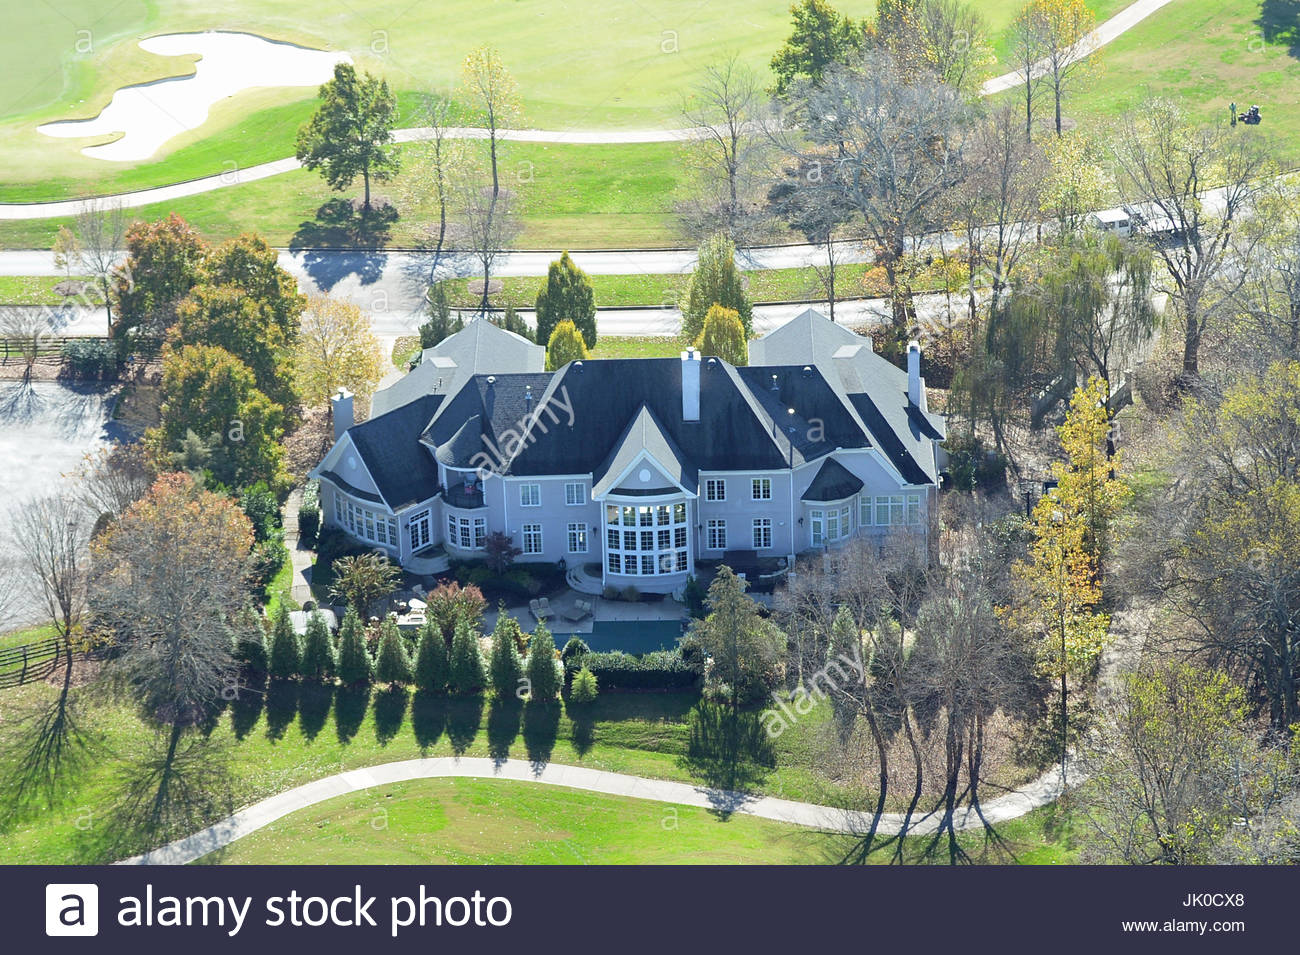 Miranda Lambert Und Blake Shelton. Miranda Lambert Und Blake Shelton Hause  In Governors Club, Nashville. Die 11.000 Quadratfuß Haus Befindet Sich Auf  Dem ...